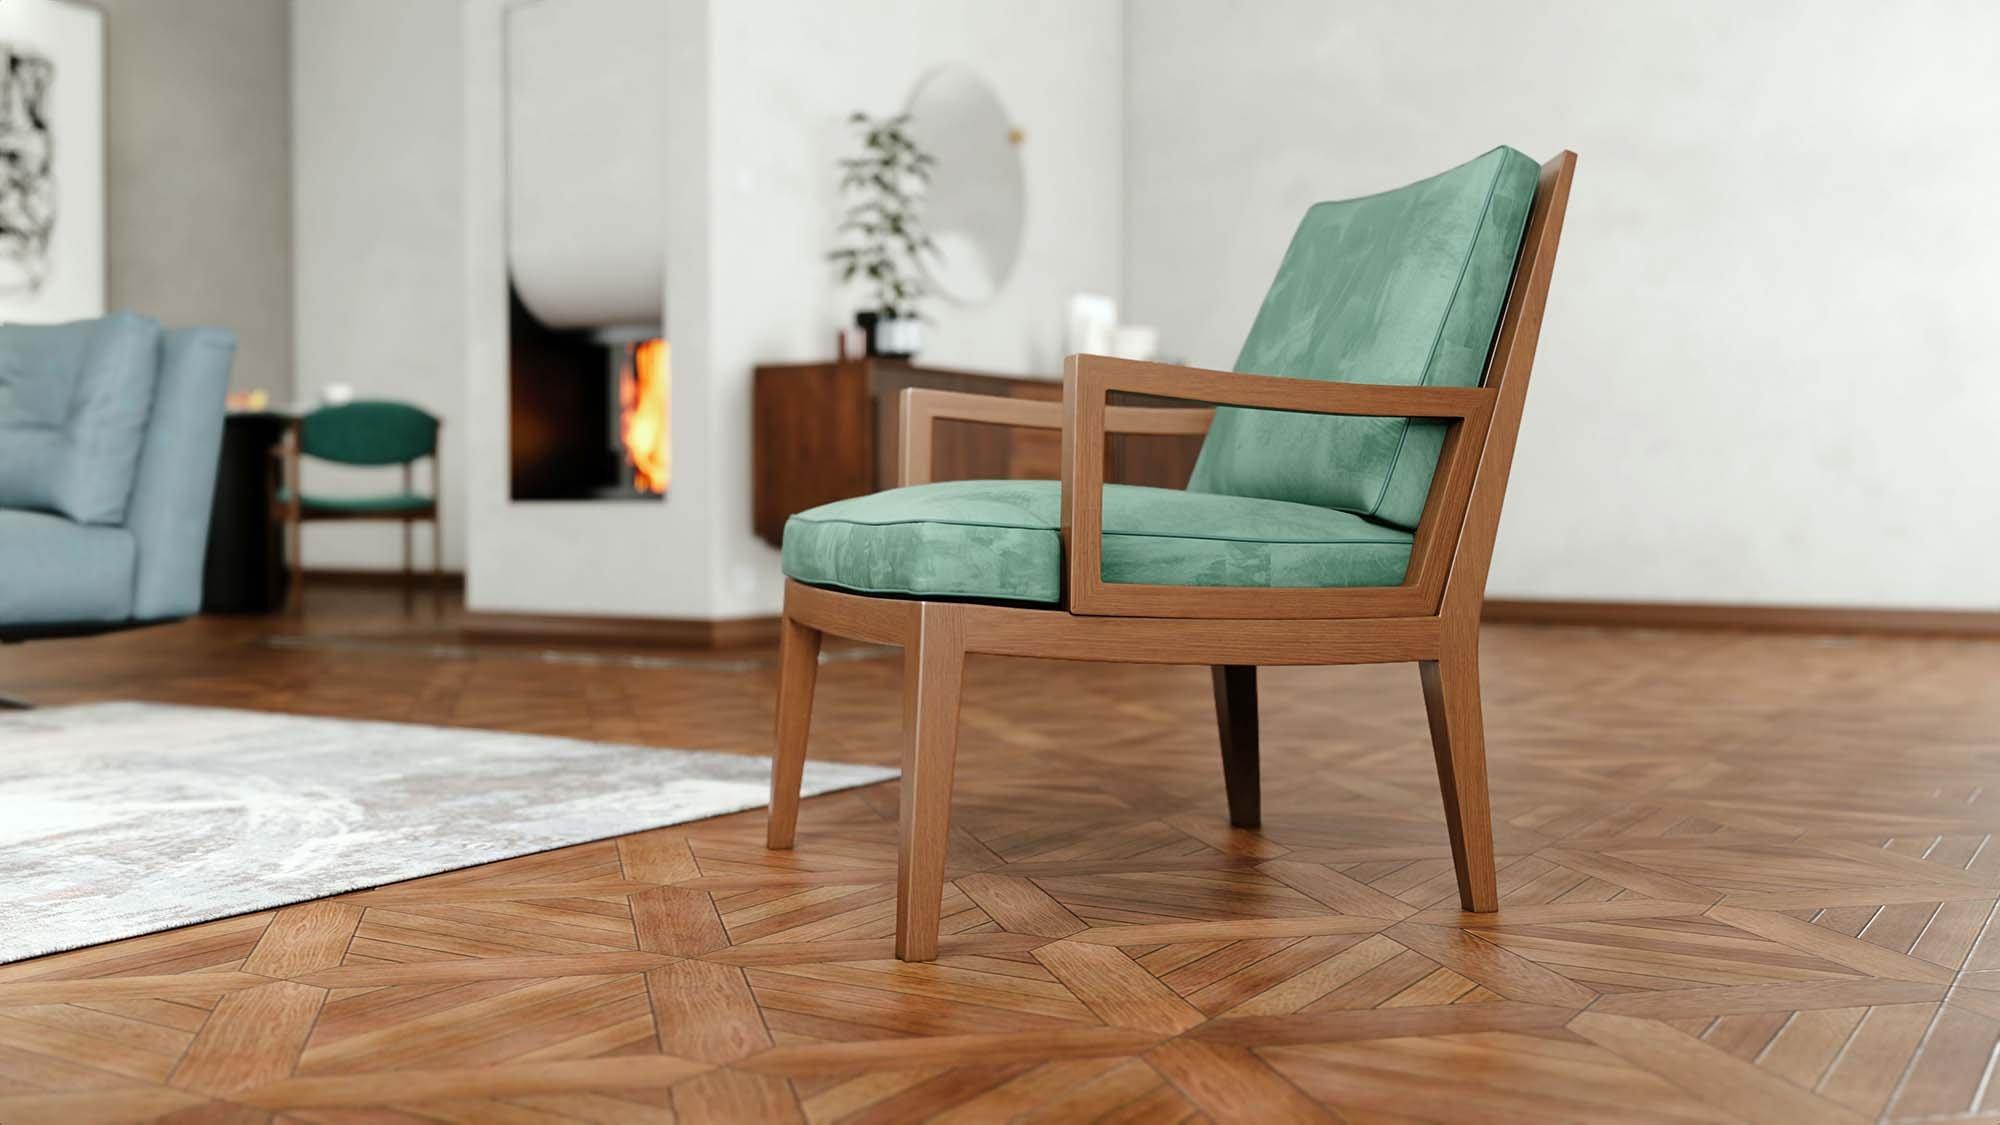 Furniture lighting Modulus Render_b